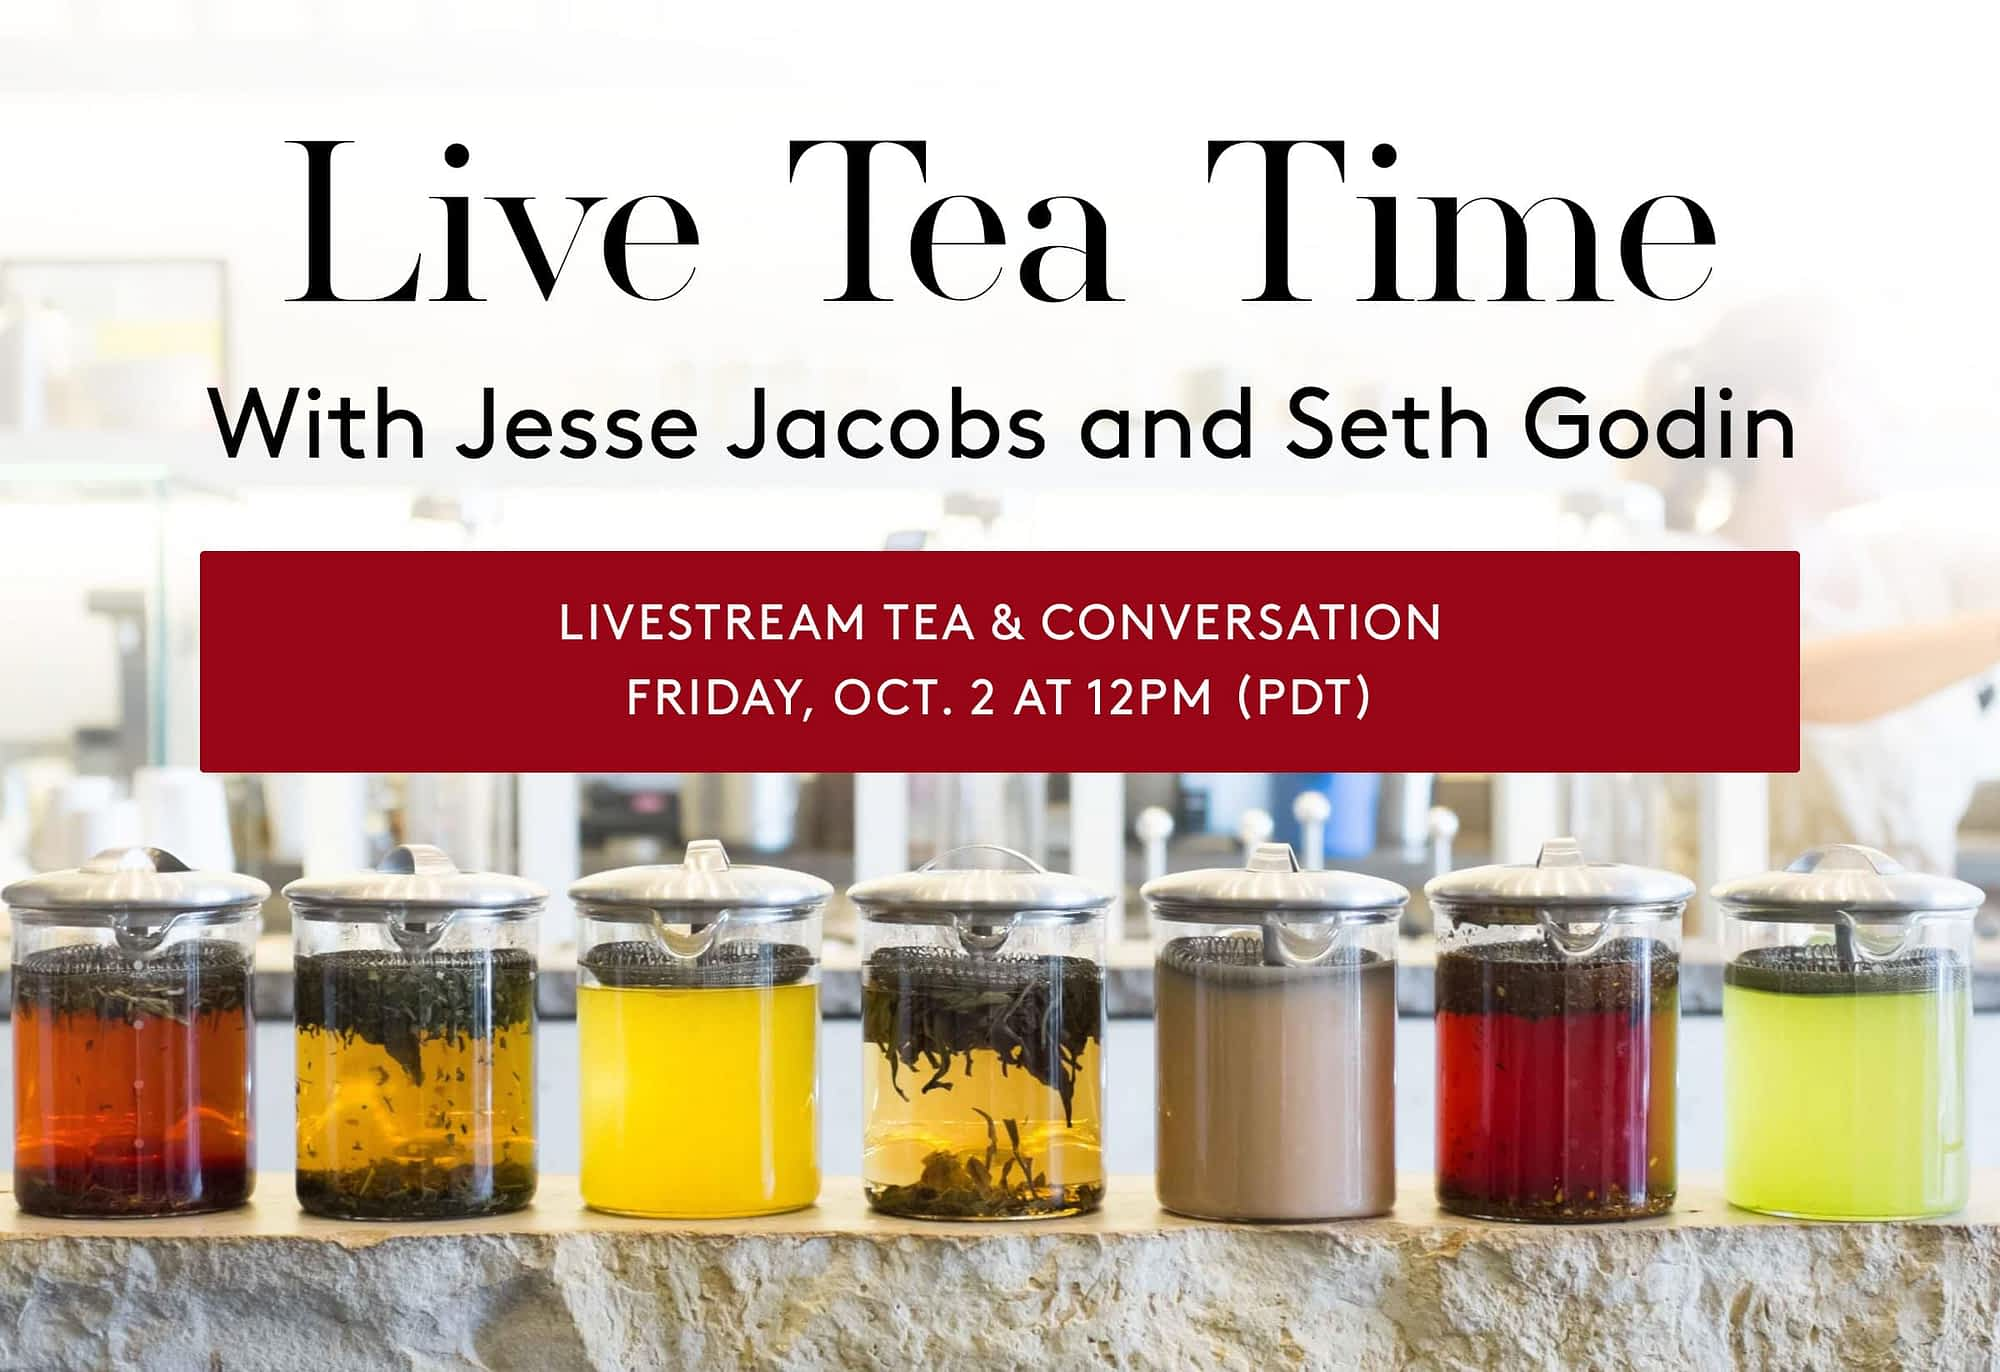 Live tea time with Seth Godin